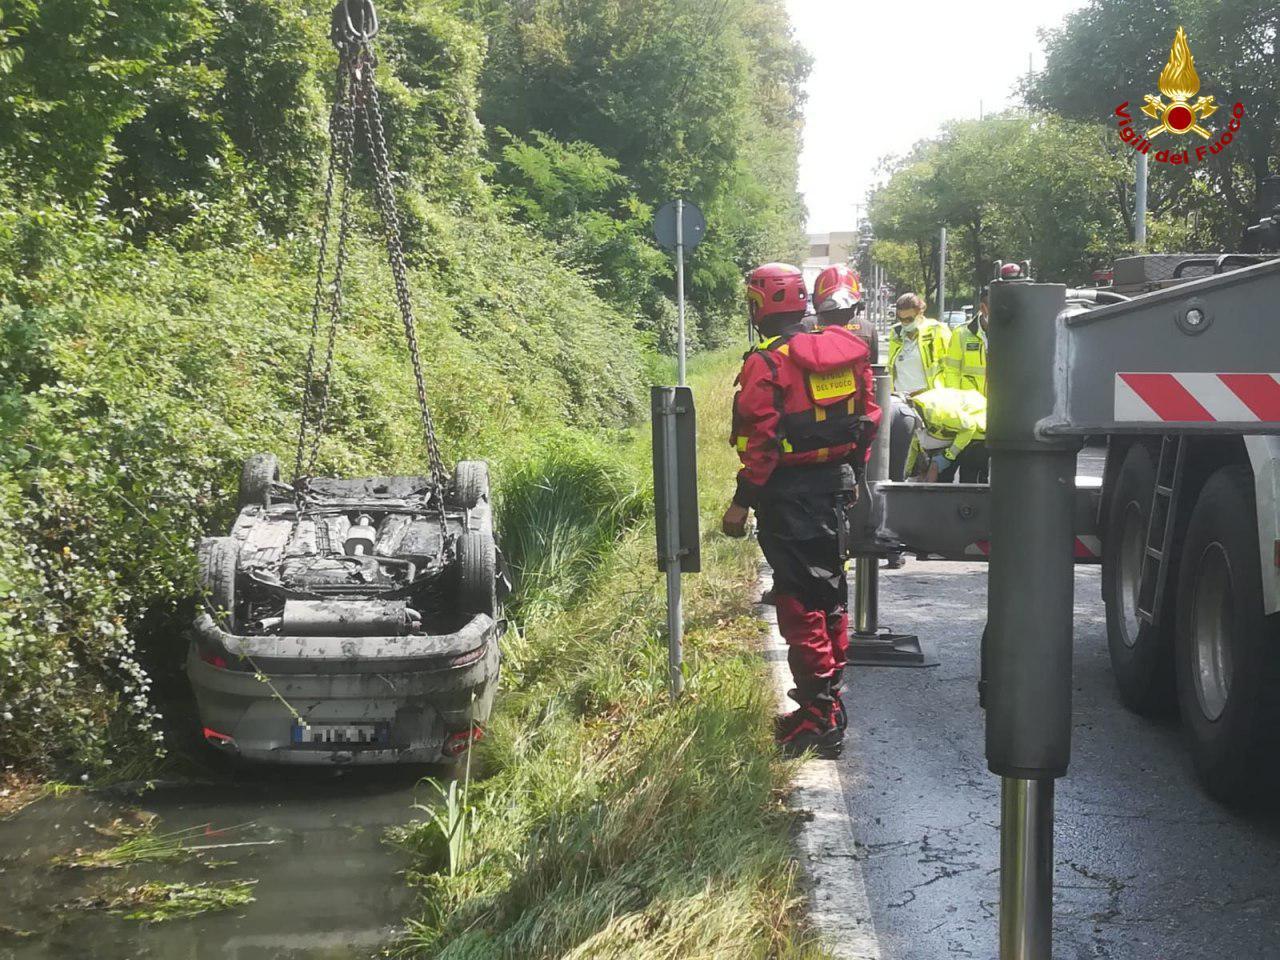 Tragedia sfiorata a Dosson, auto capovolta nel fosso pieno d'acqua: guidatore salvato in extremis